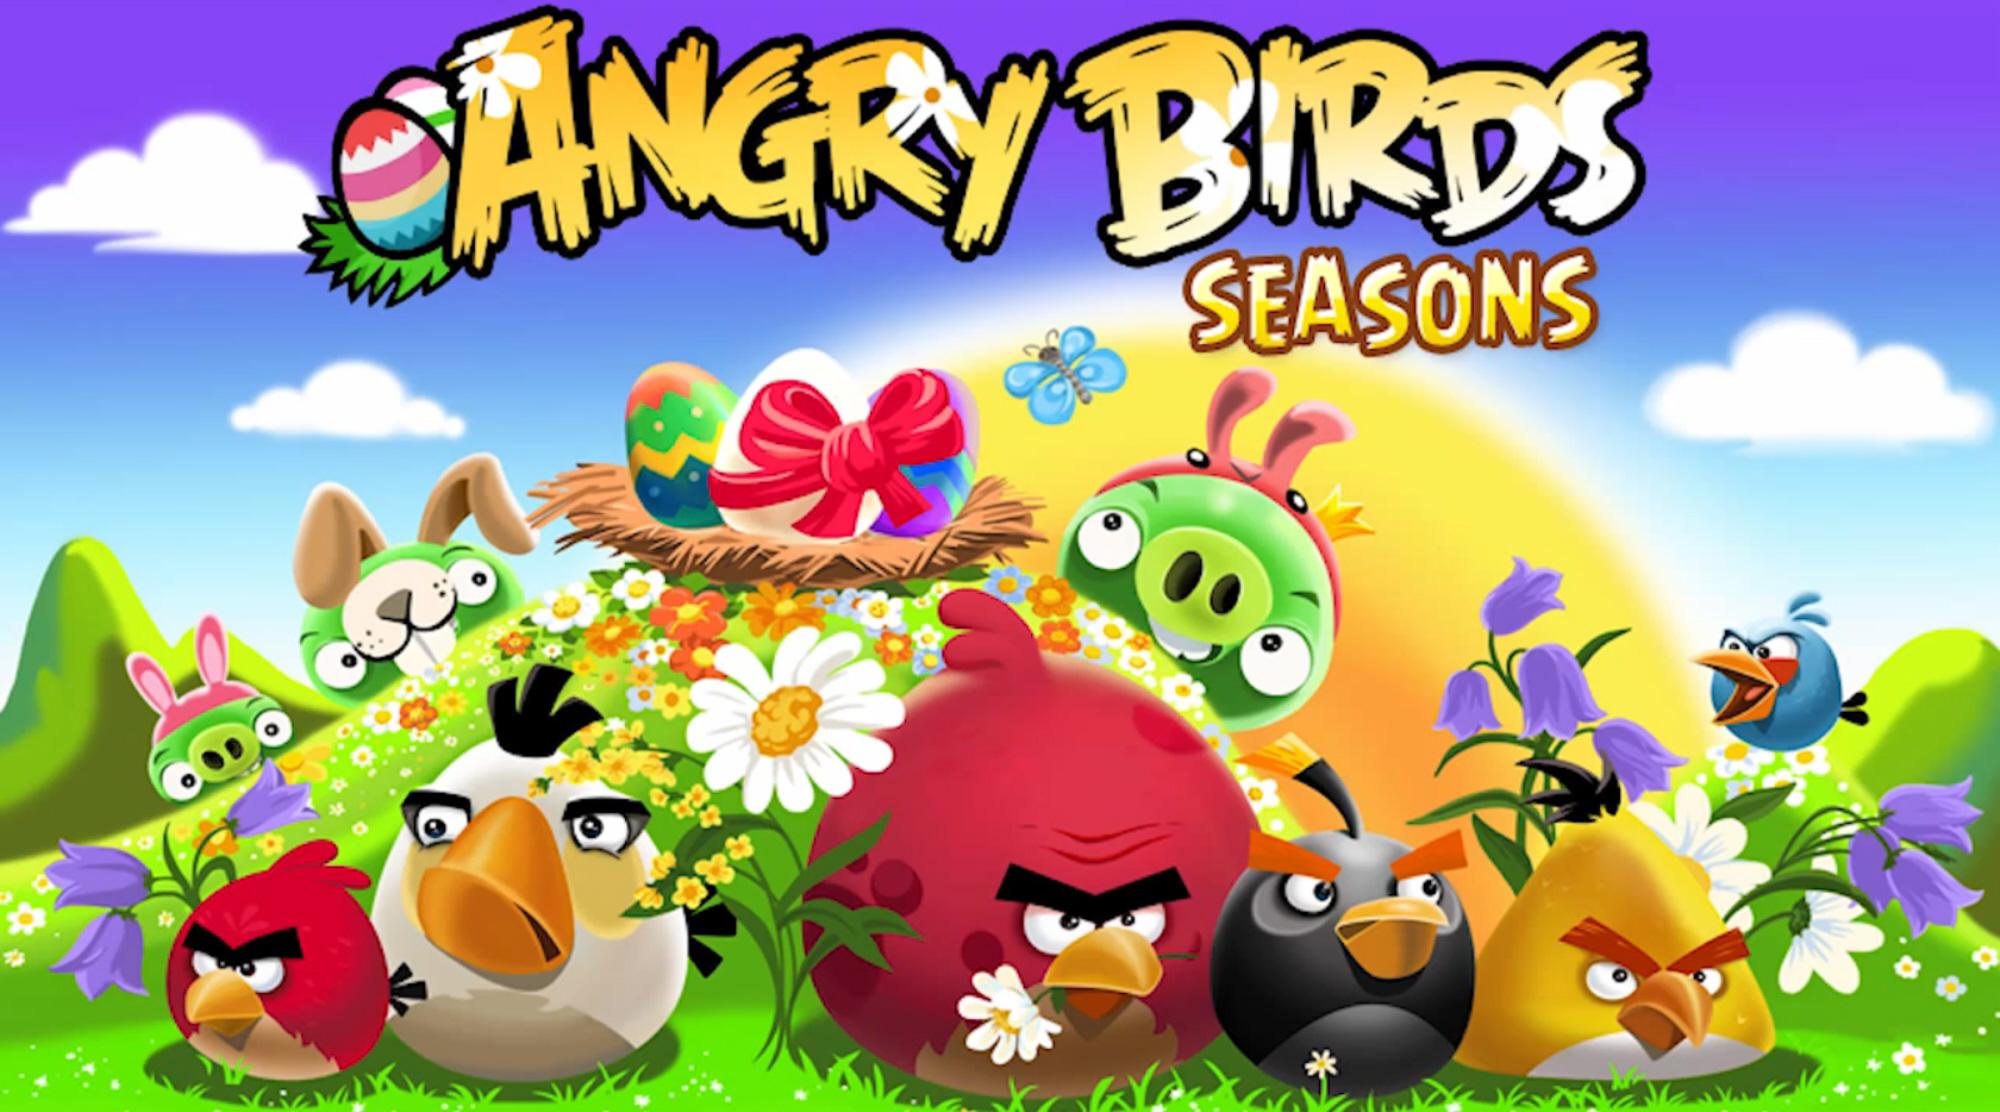 Los 'Angry Birds' reestructuran su negocio.